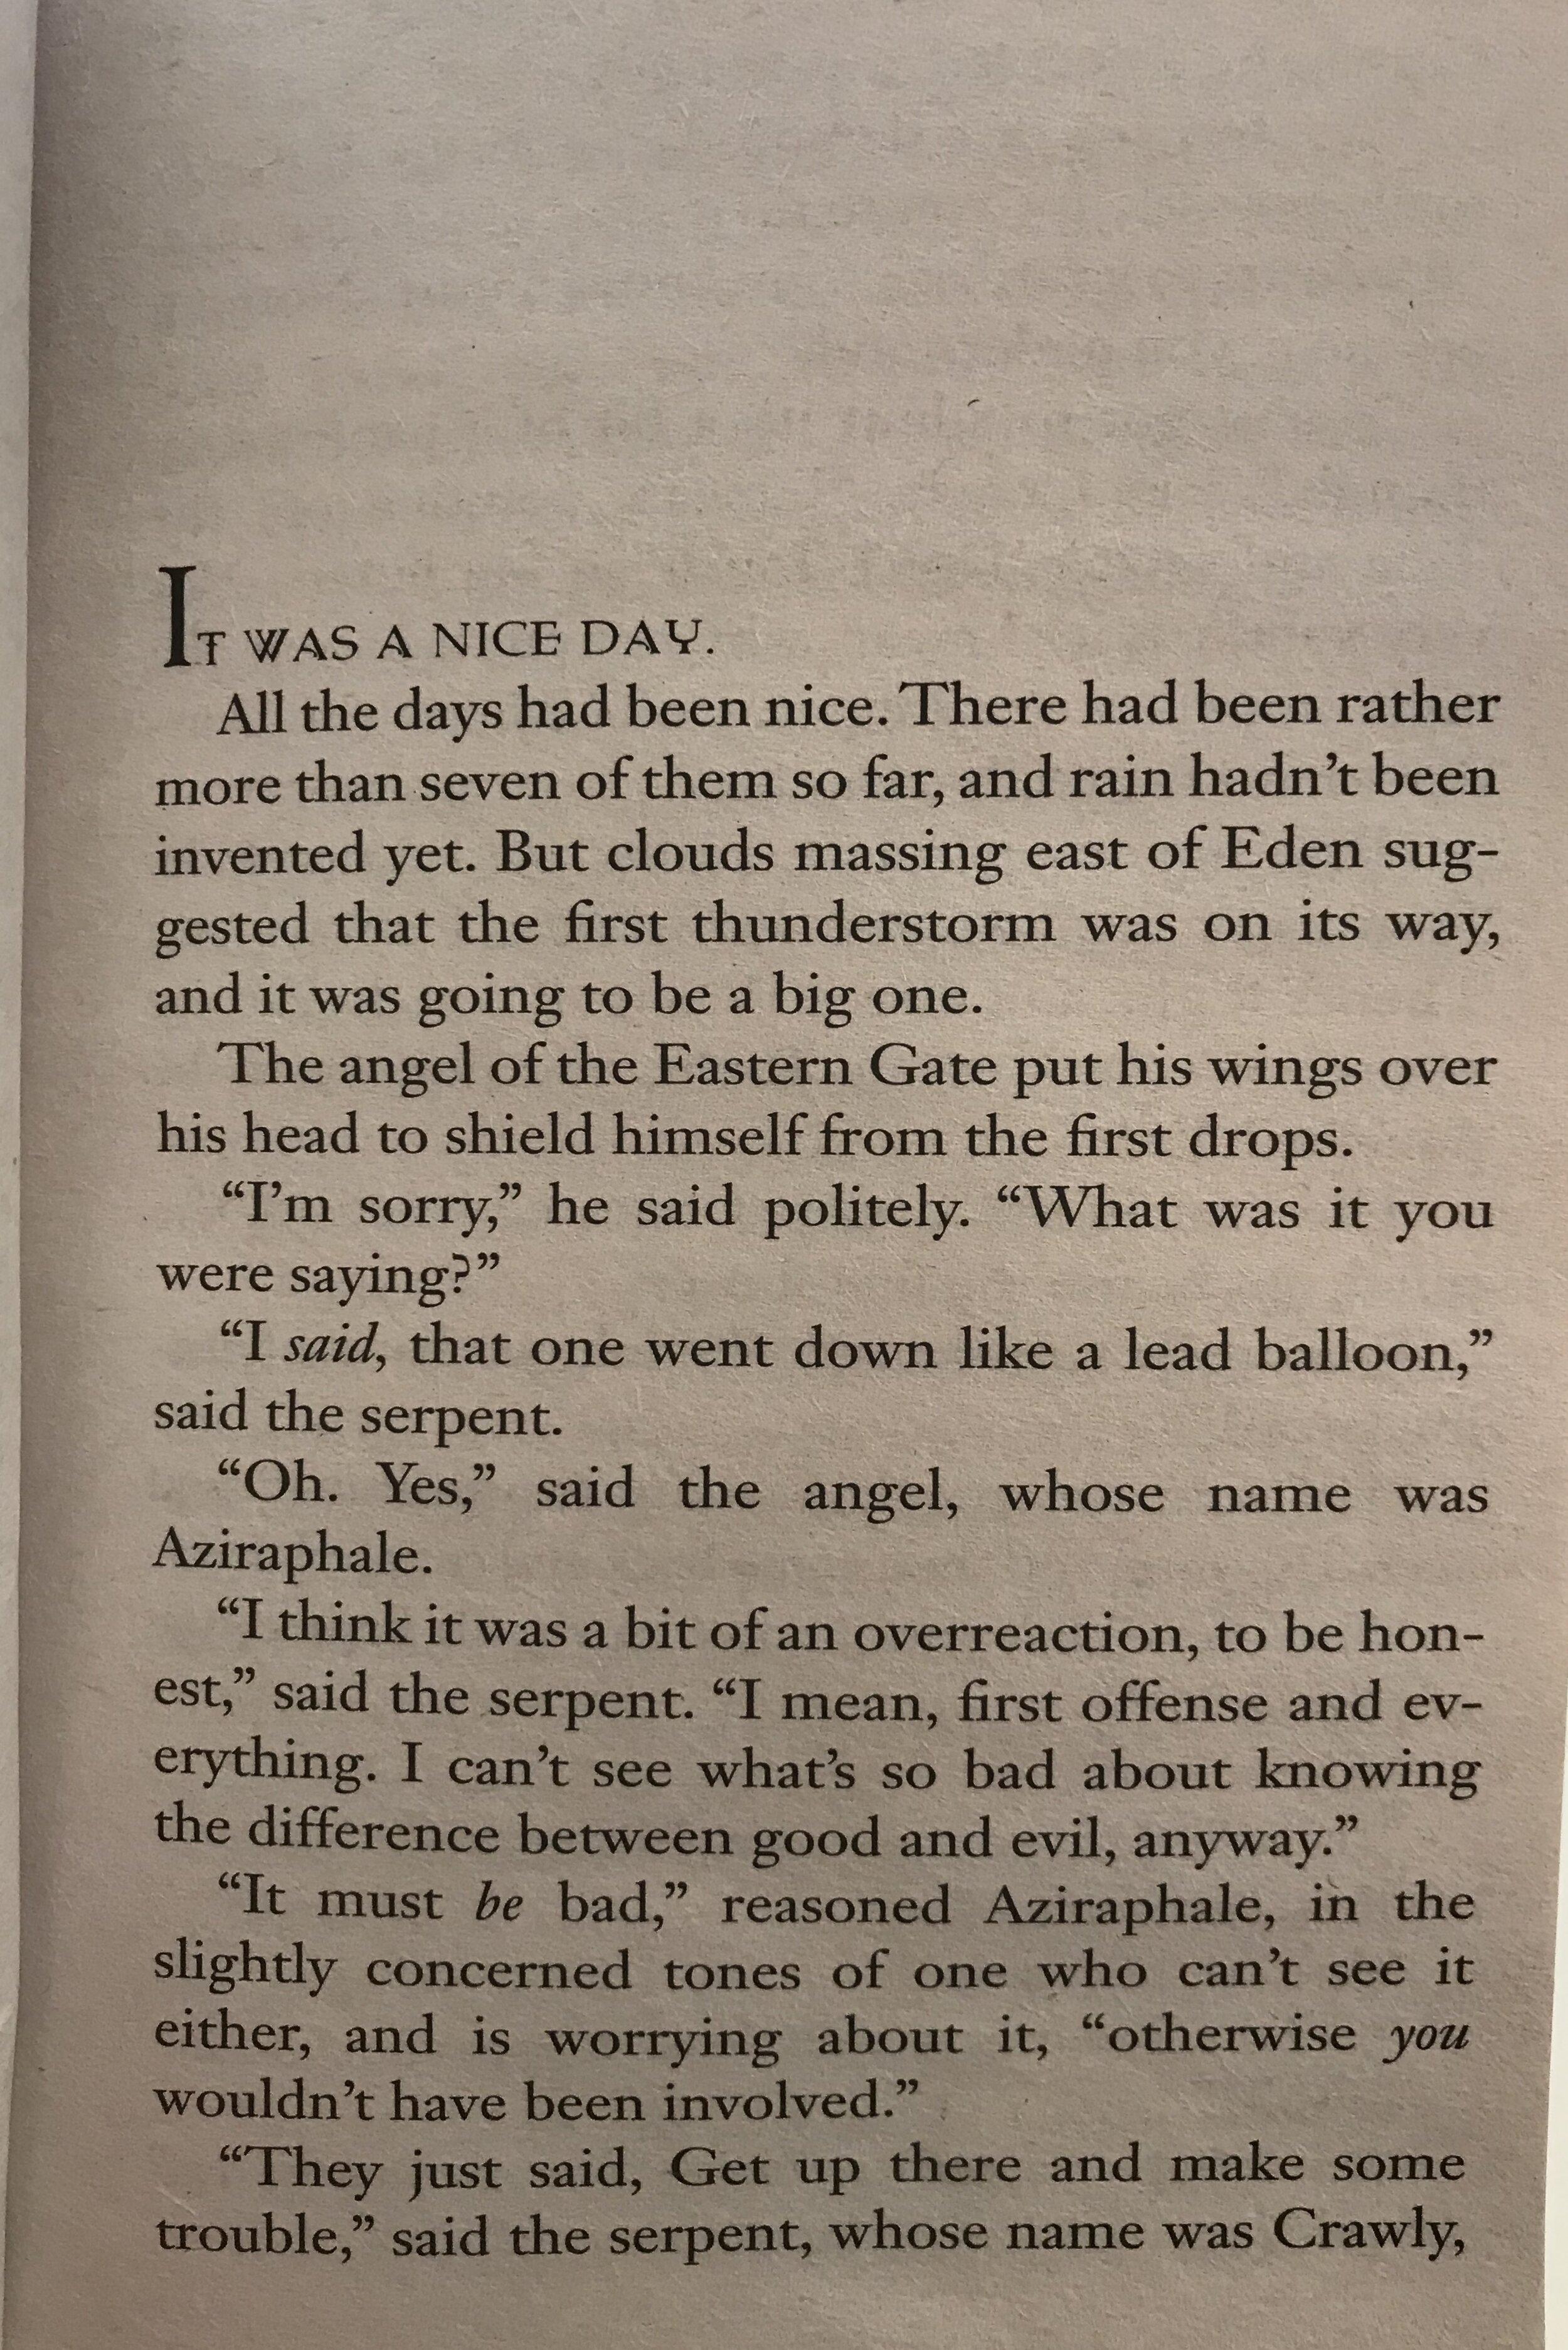 Good Omens Doctor Bookworm Excerpt 2.jpg